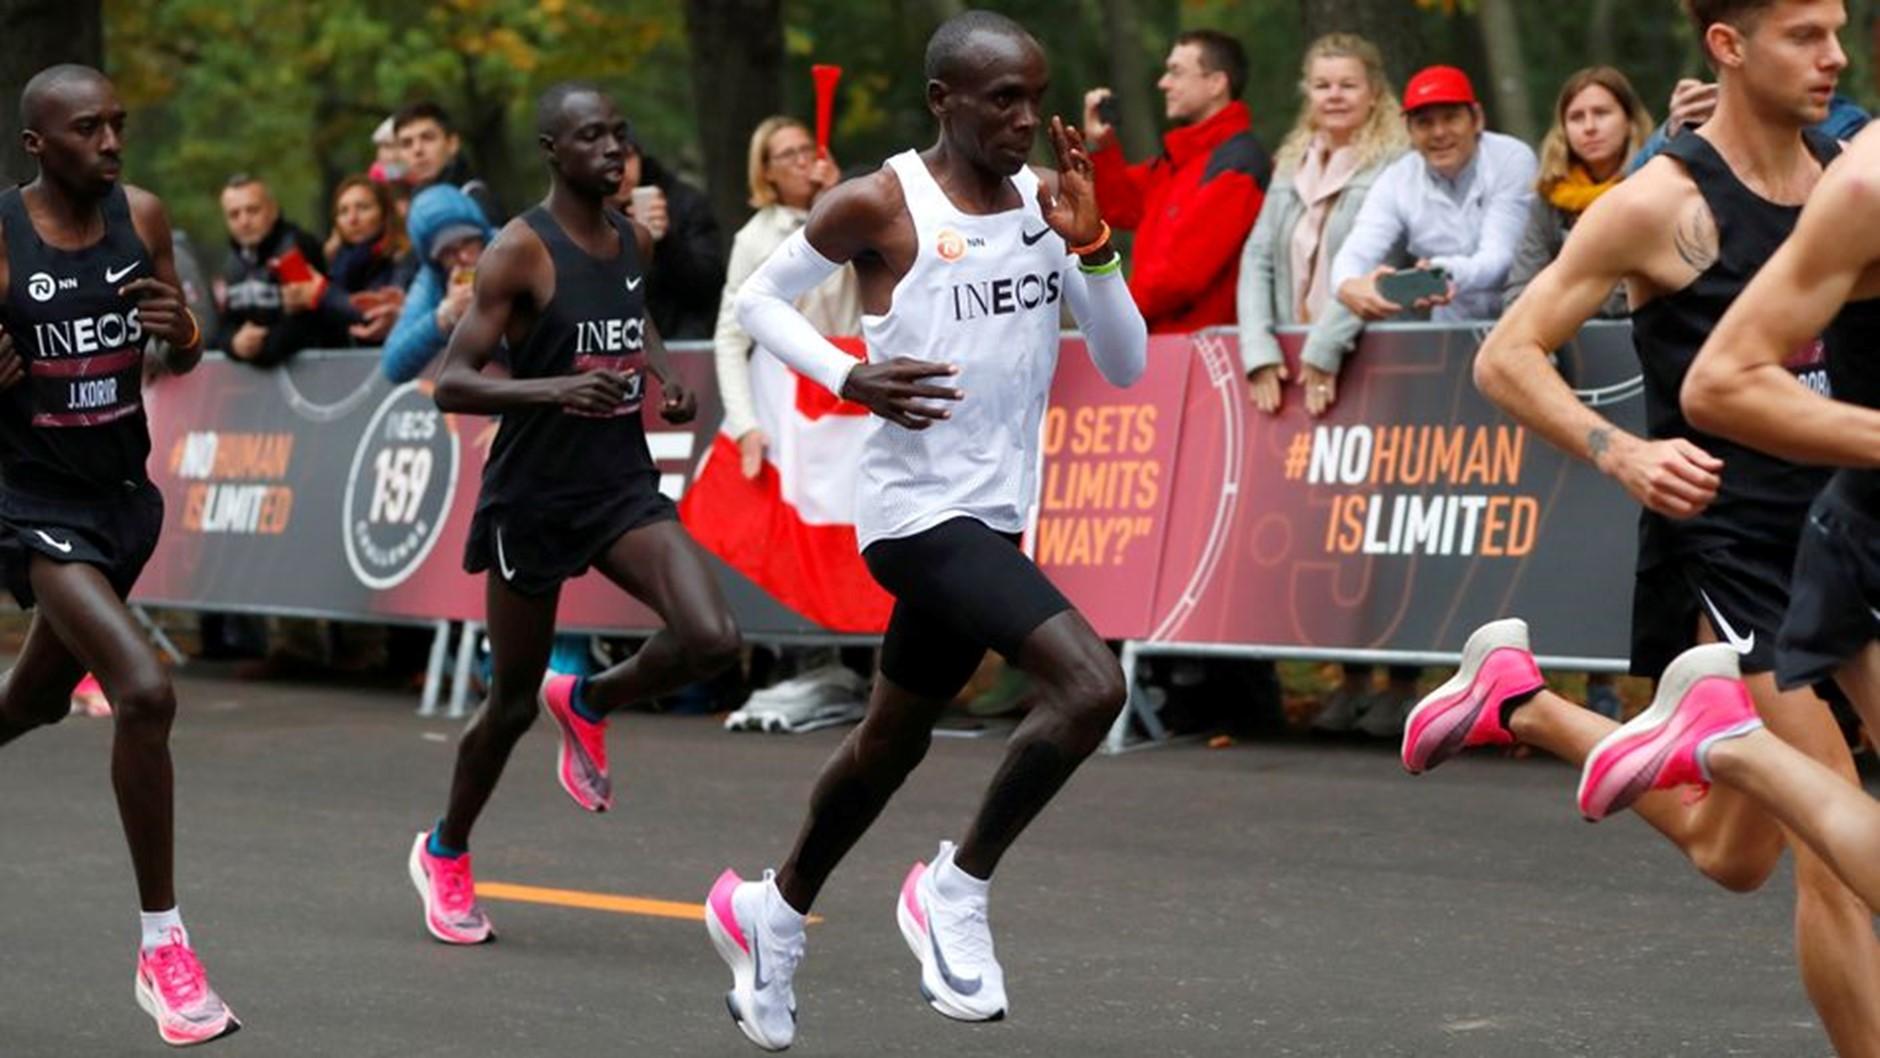 Kipchoge chinh phục thành công thử thách chạy marathon dưới 2 tiếng với Nike Vaporfly. Ảnh: Reuters.